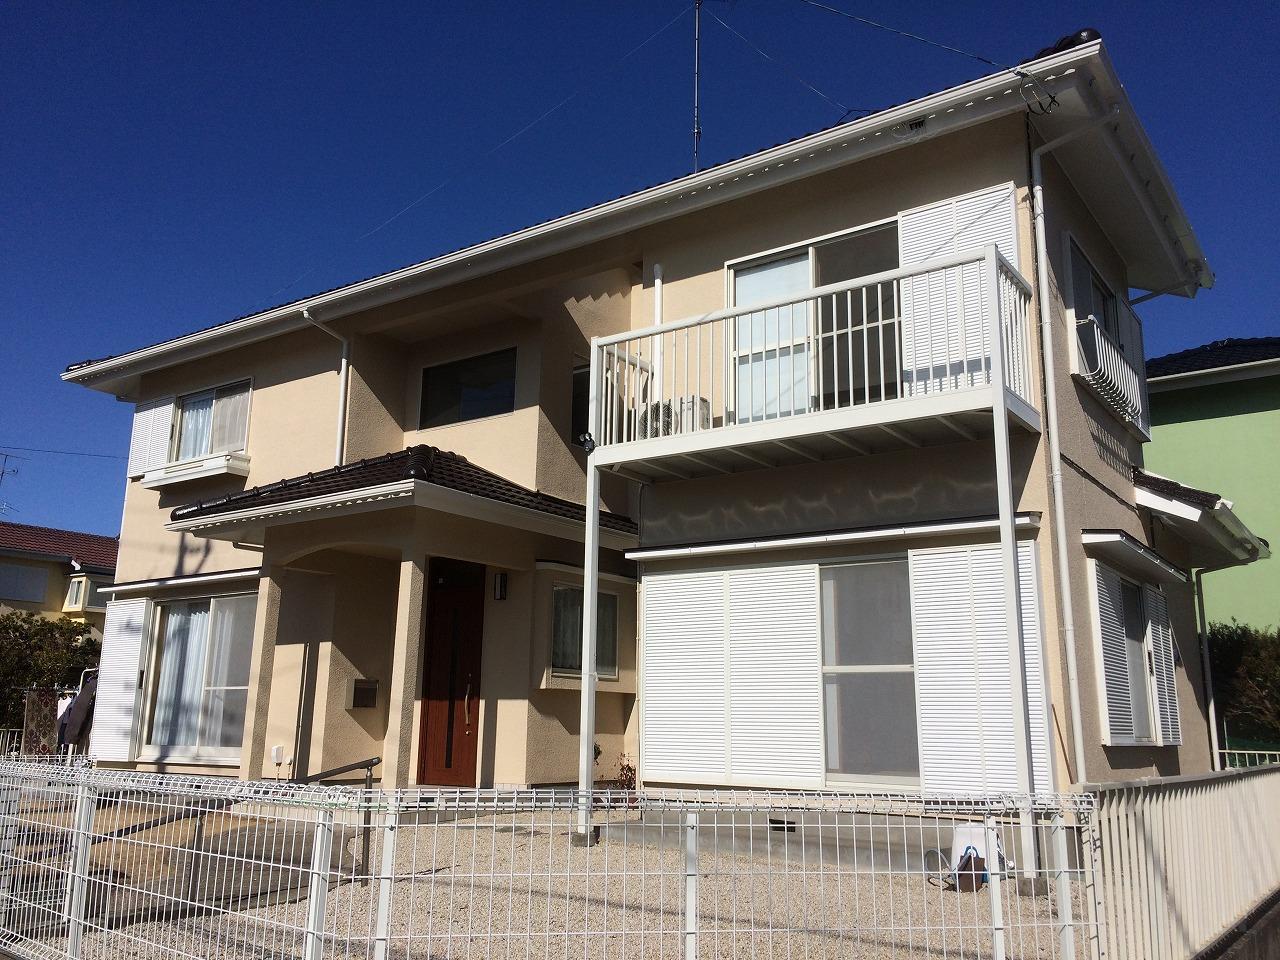 千葉県印旛郡S様邸 外壁塗装・屋根塗装工事が完成しました!